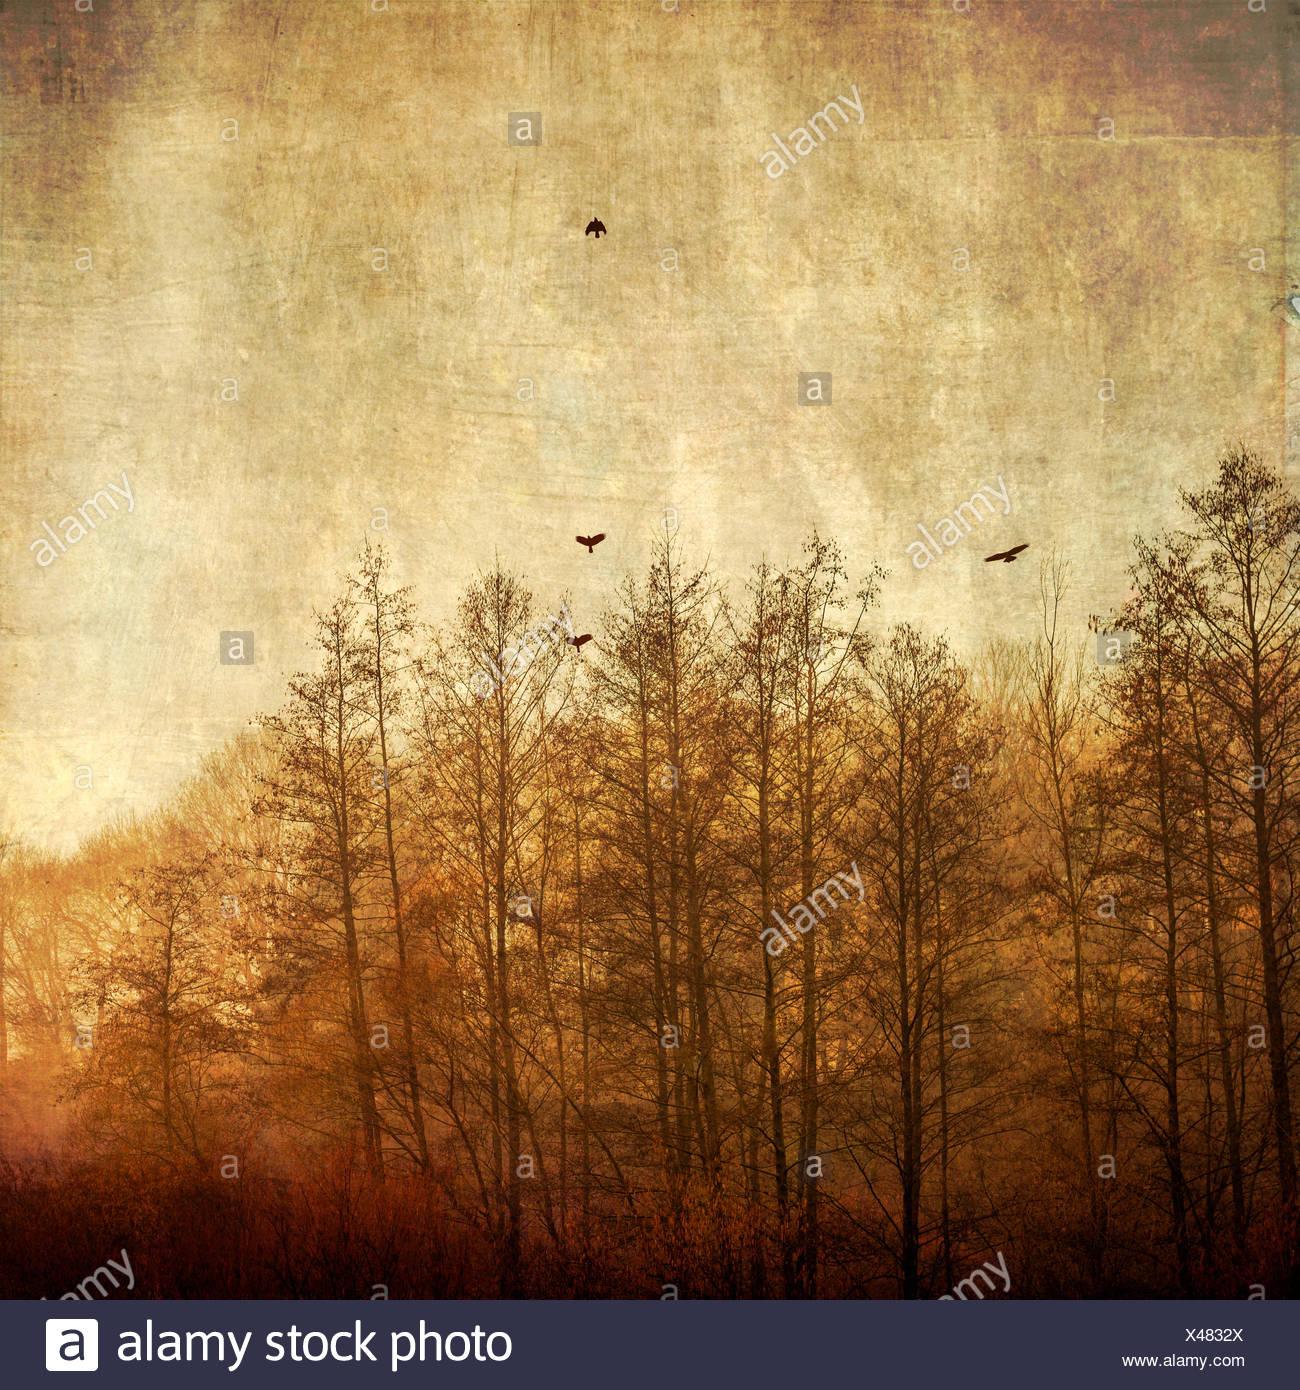 Alberi e uccelli in volo nella luce del mattino, effetto testurizzato Immagini Stock